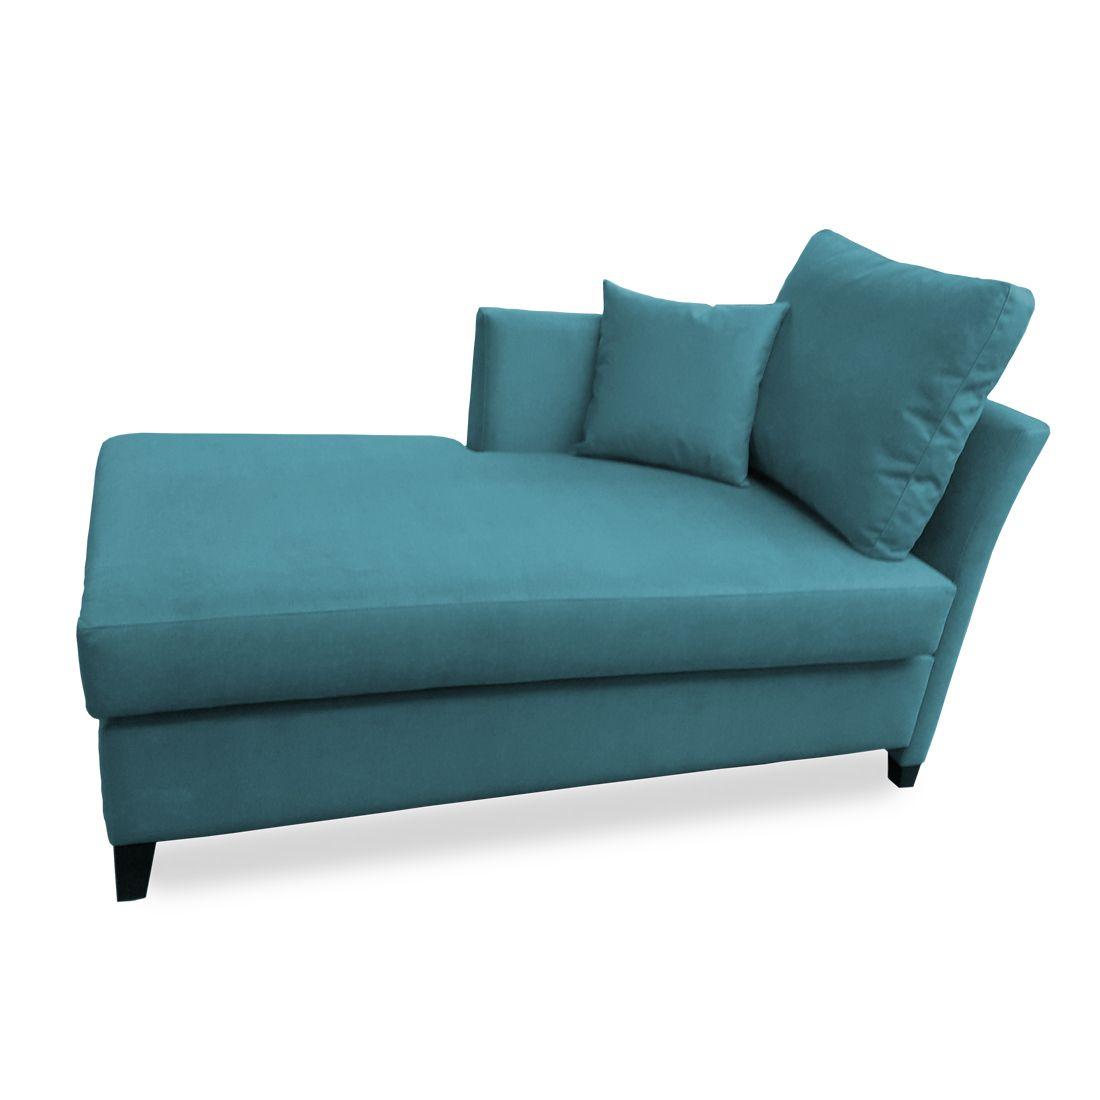 profitez de moments de d tente avec la m ridienne convertible lyon qualit haut de gamme. Black Bedroom Furniture Sets. Home Design Ideas